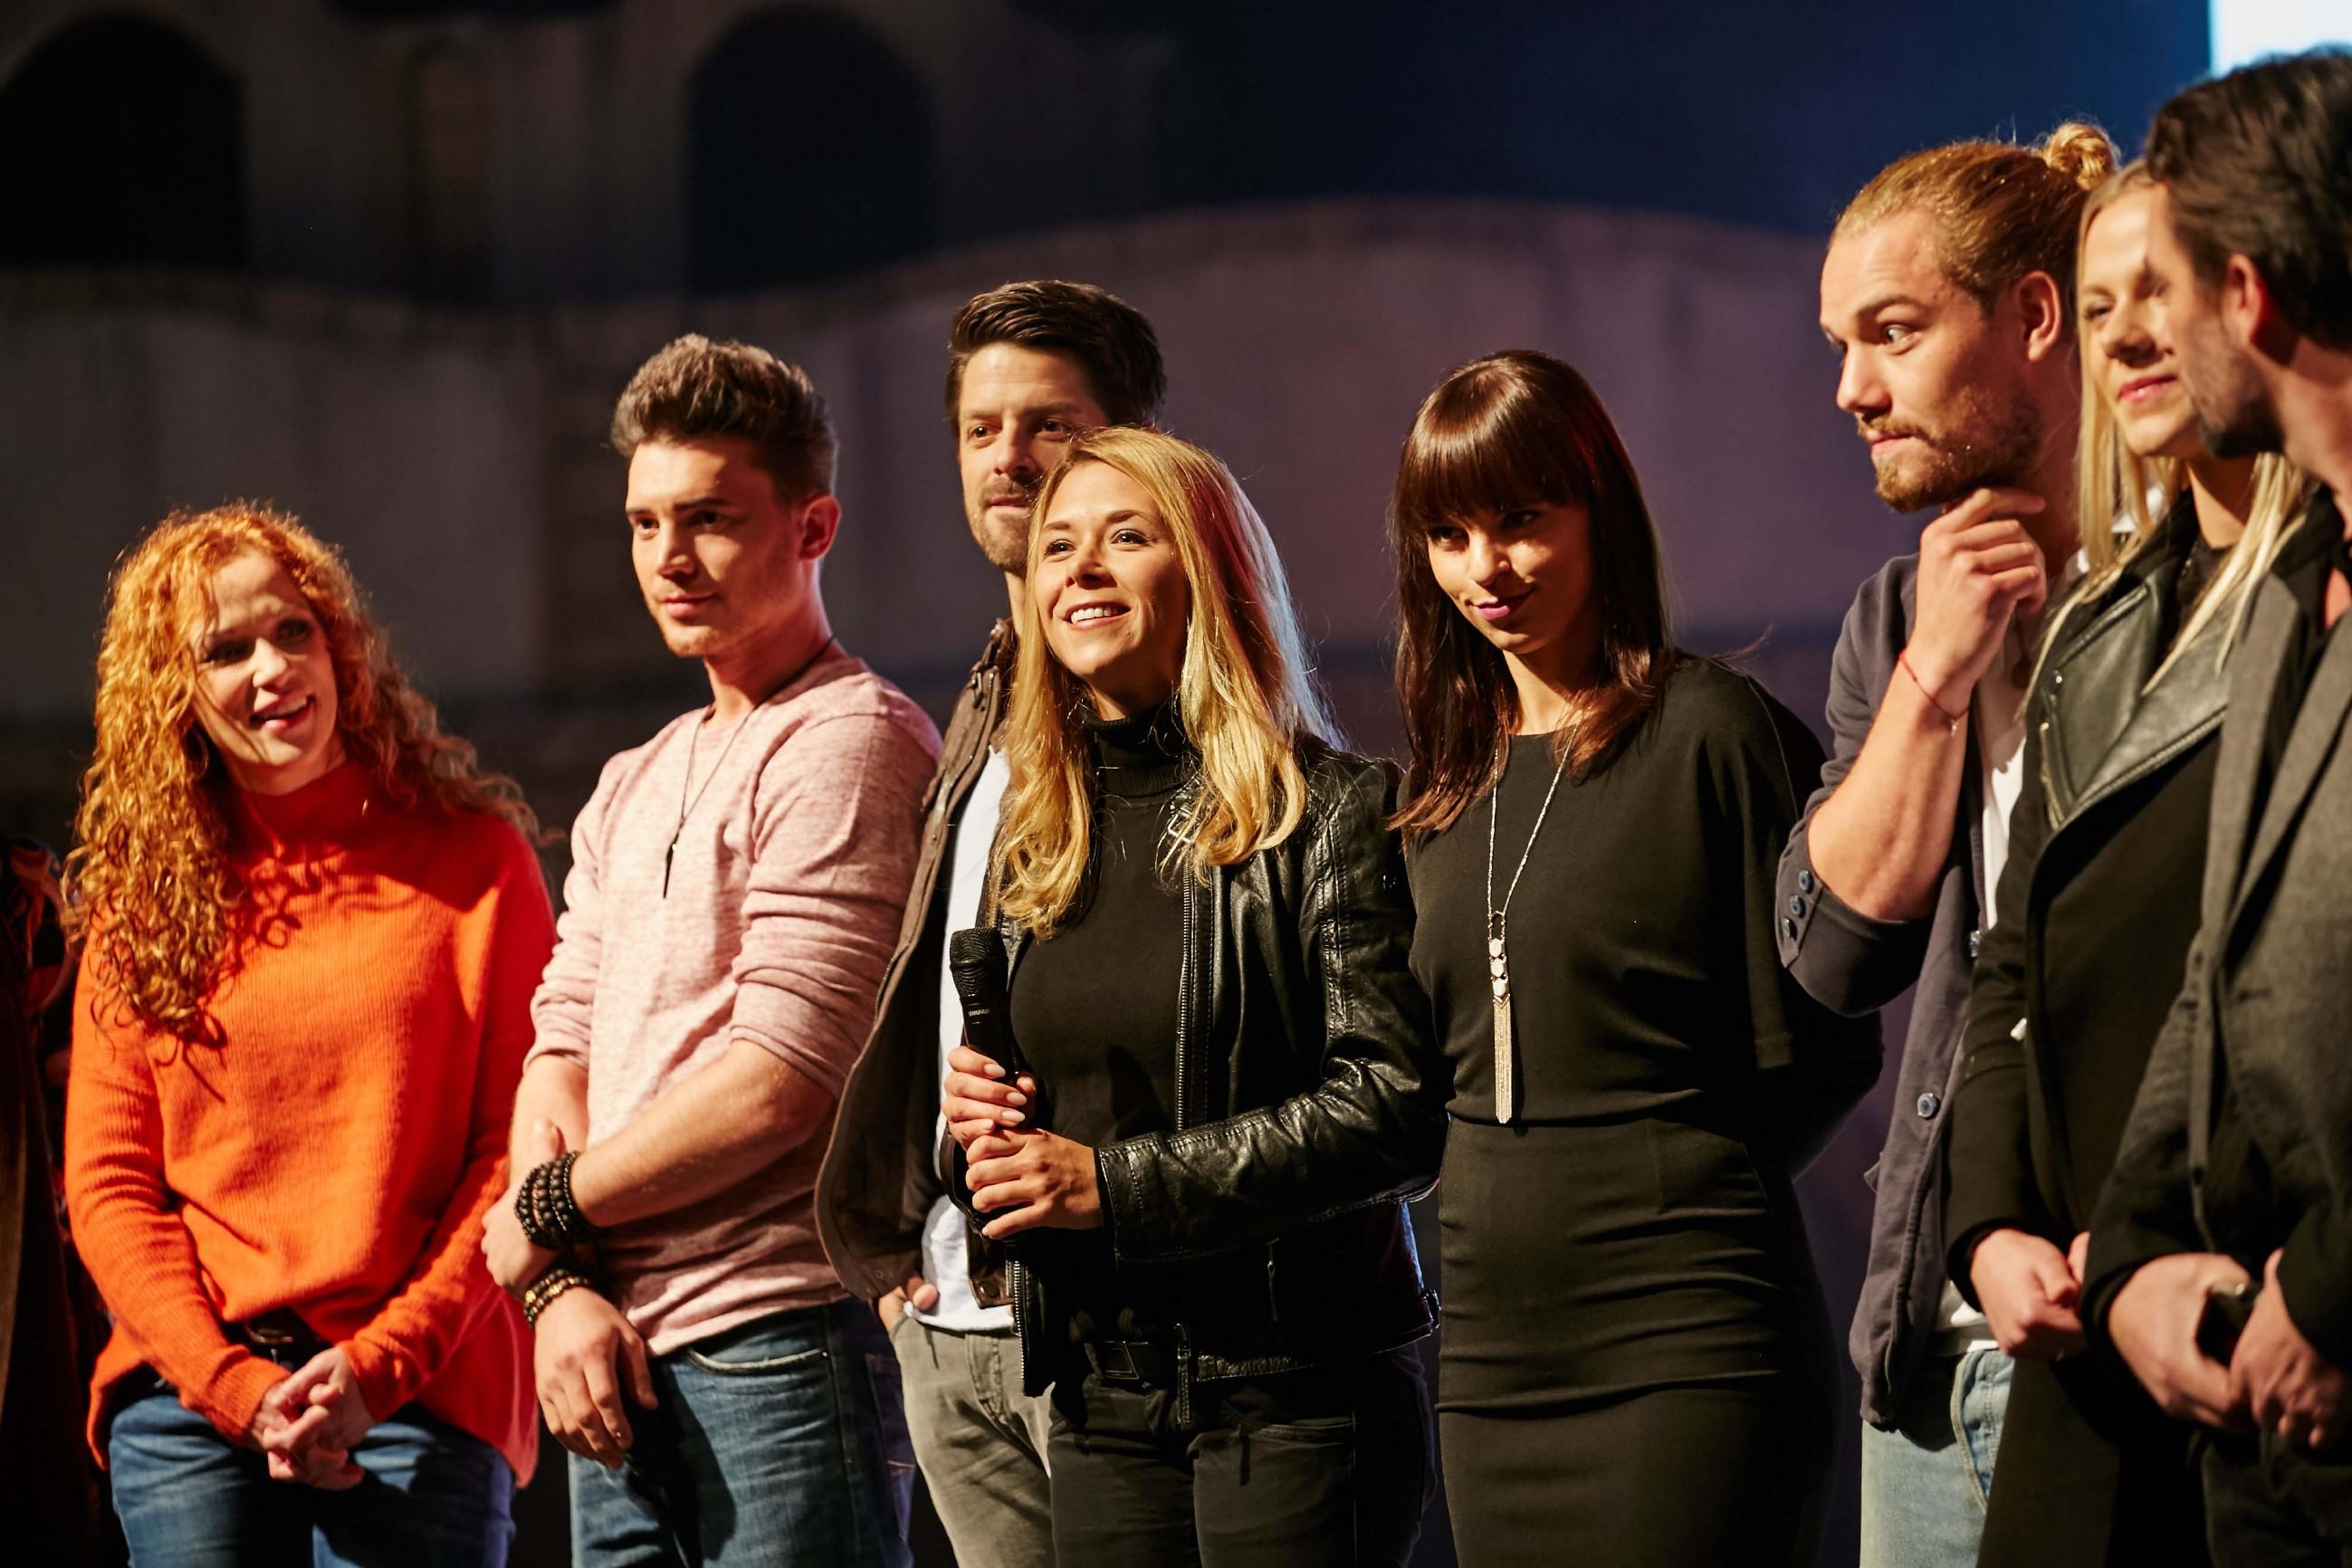 Madlen Kaniuth, Bela Klentze, Daniel Buder, Tanja Szewczenko, Franziska Benz, Julian Bayer, Cheyenne Pahde und Daniel Brockhaus (v.l.) stehen den Fans Rede und Antwort.